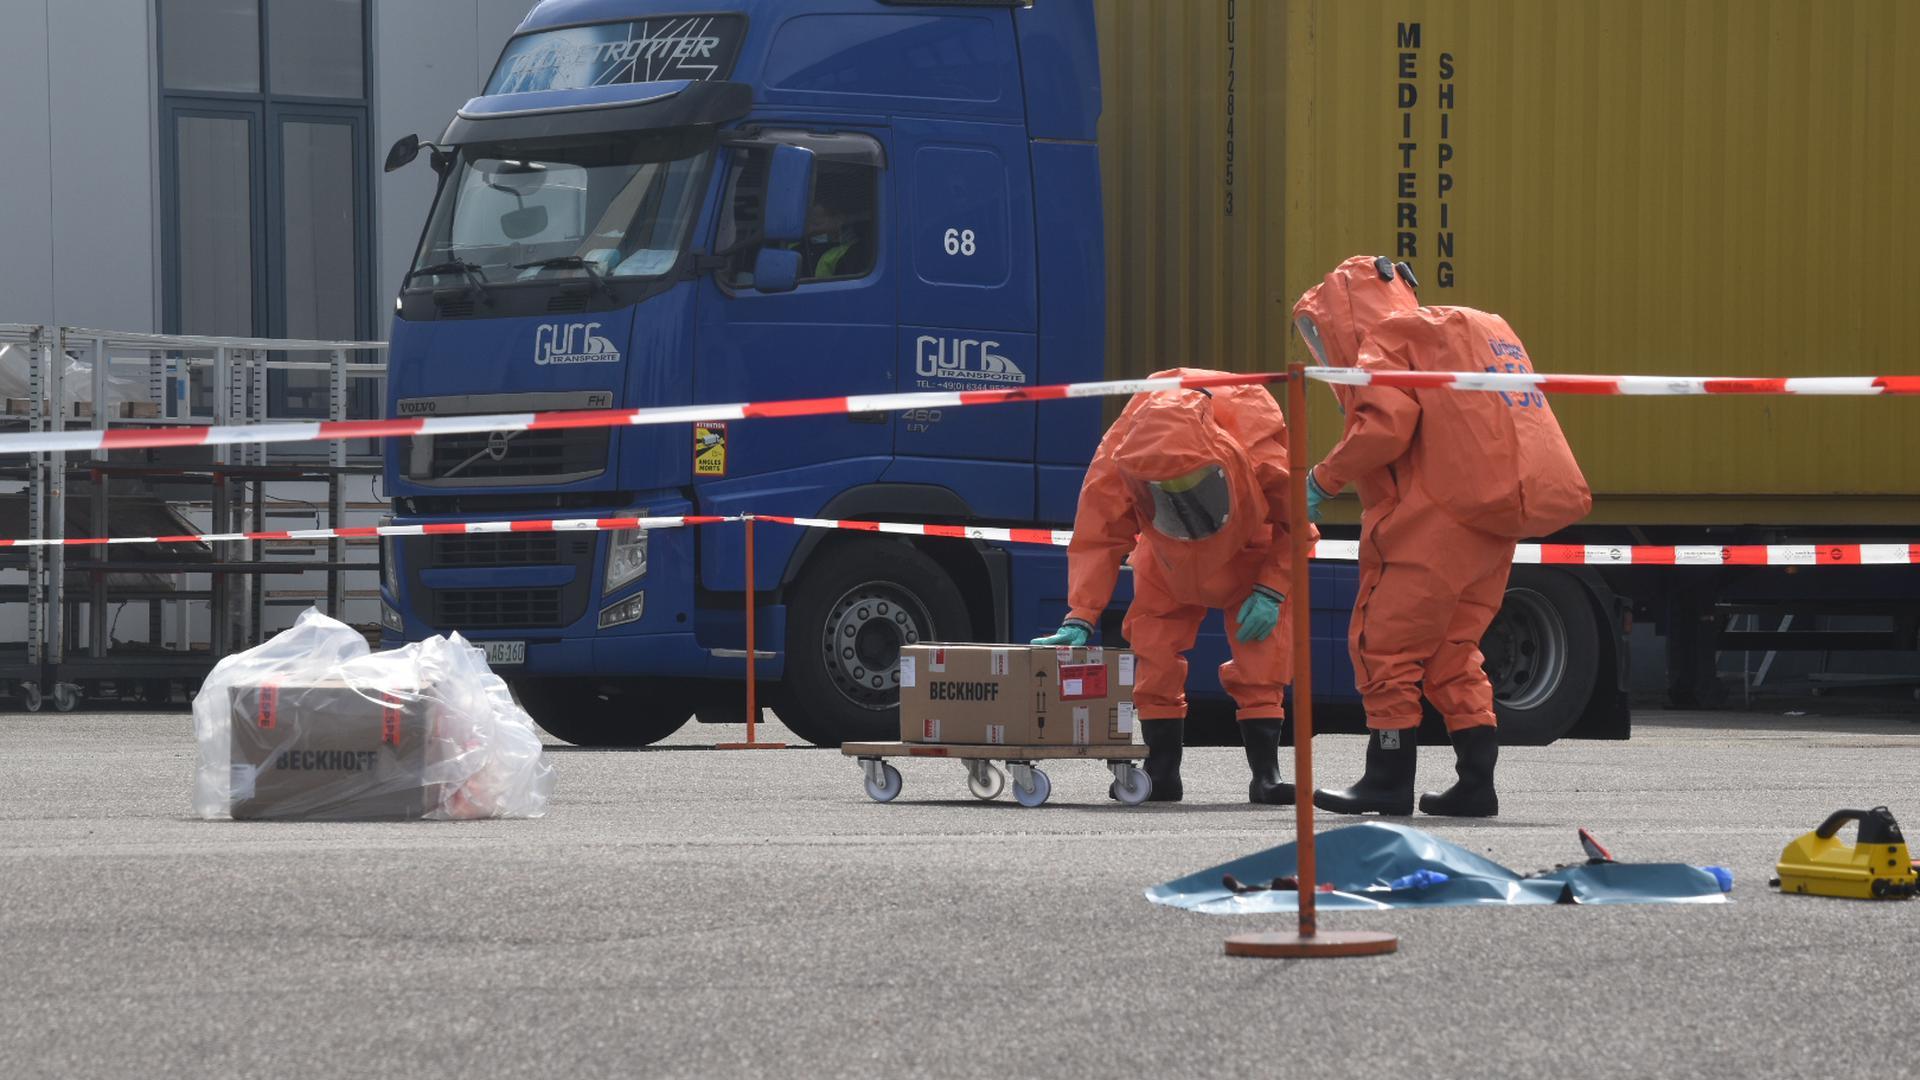 Feuerwehrleute in Schutzanzügen untersuchen das verdächtige Paket.